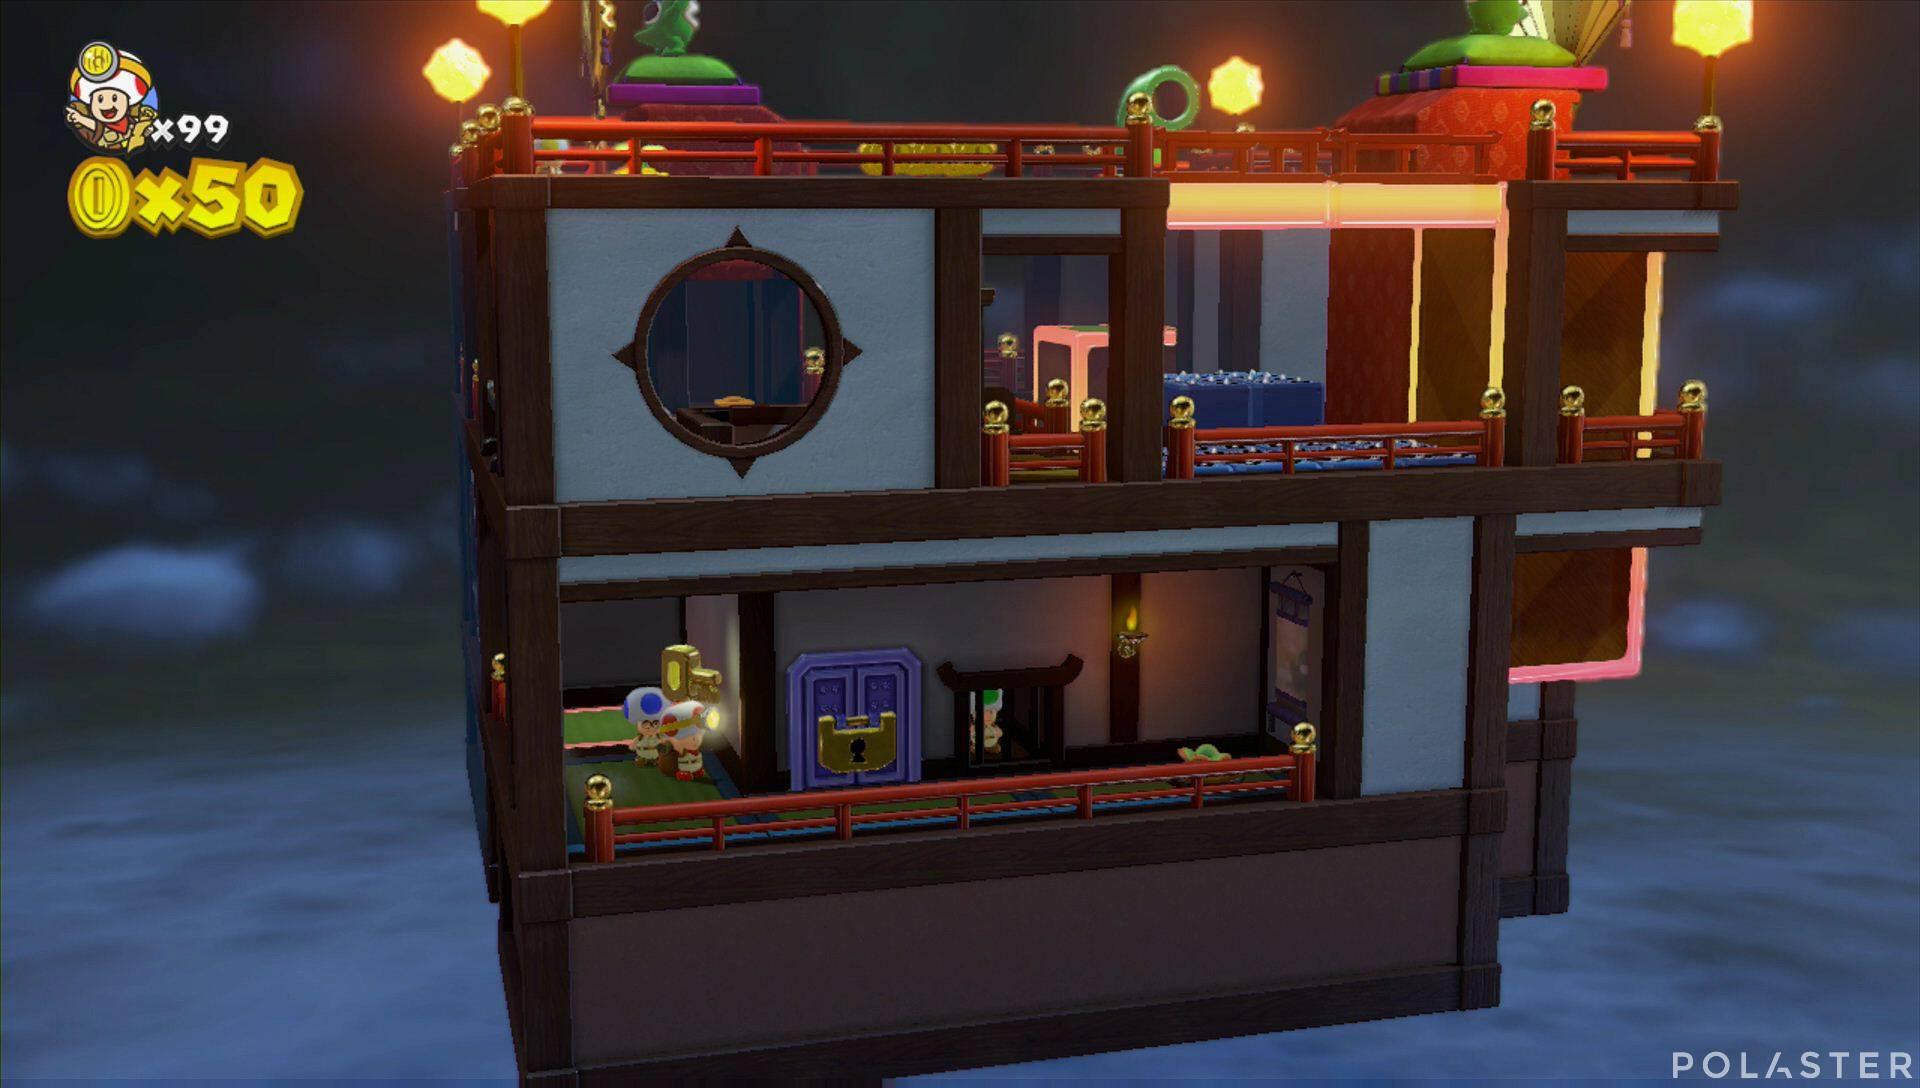 Captain Toad: Treasure Tracker Extra: ¡Cuadrilla, a los tejados! Toad verde